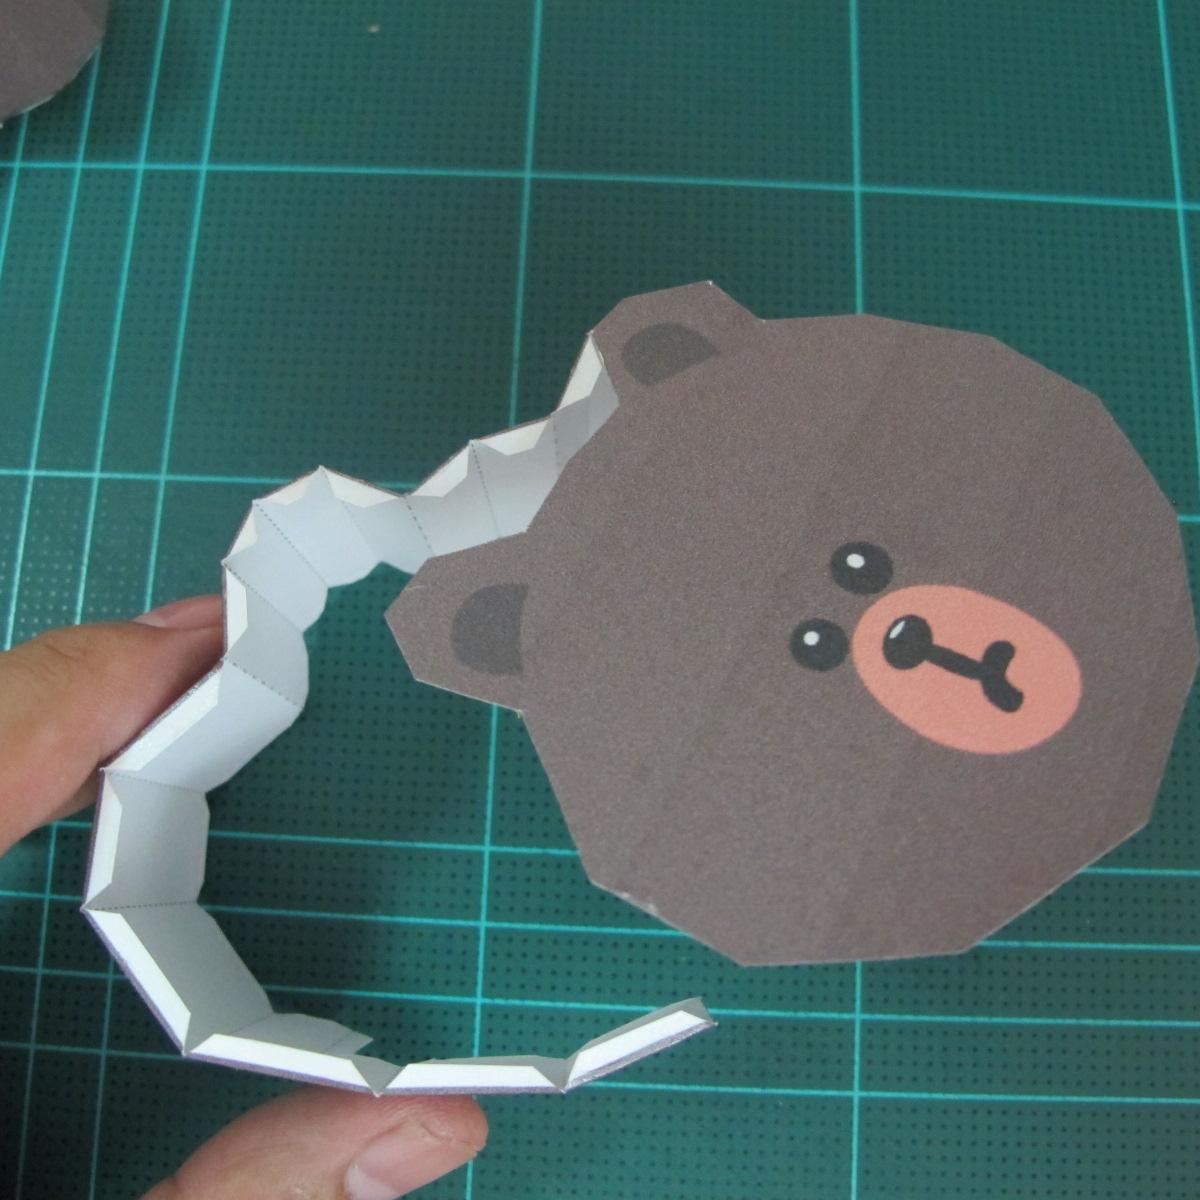 วิธีทำโมเดลกระดาษ ตุ้กตาไลน์ หมีบราวน์ ถือพลั่ว (Line Brown Bear With Shovel Papercraft Model -「シャベル」と「ブラウン」) 020